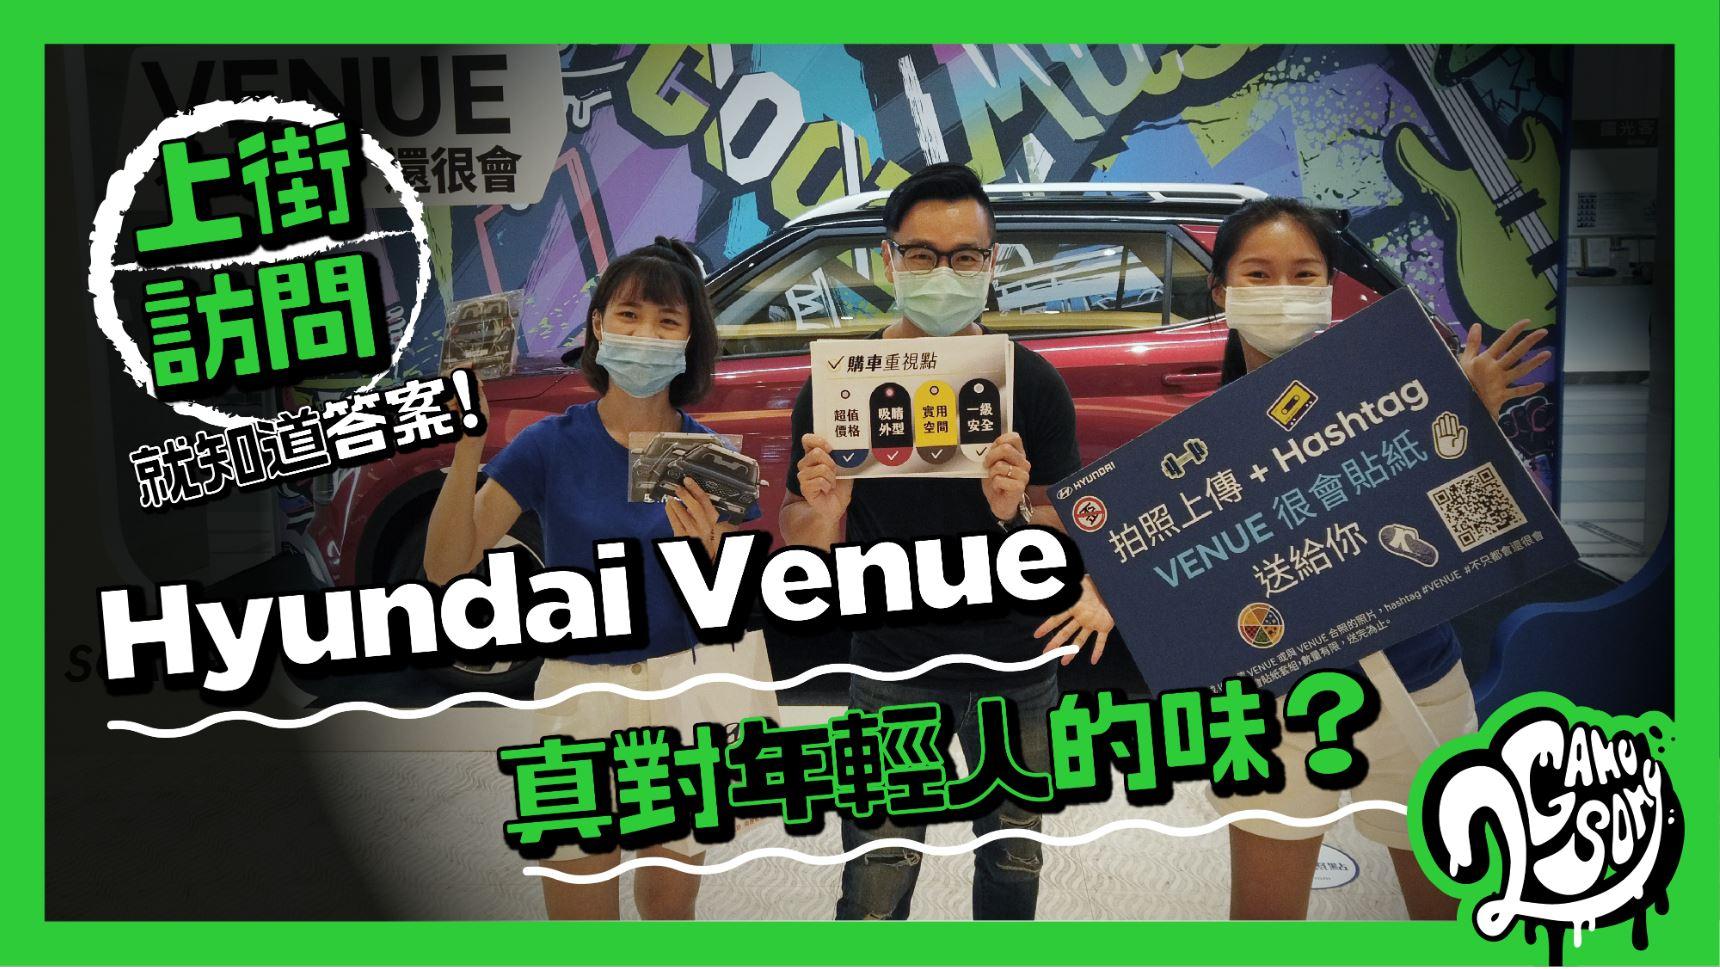 ▲ Hyundai Venue 真對年輕人的味?上街訪問就知道答案!